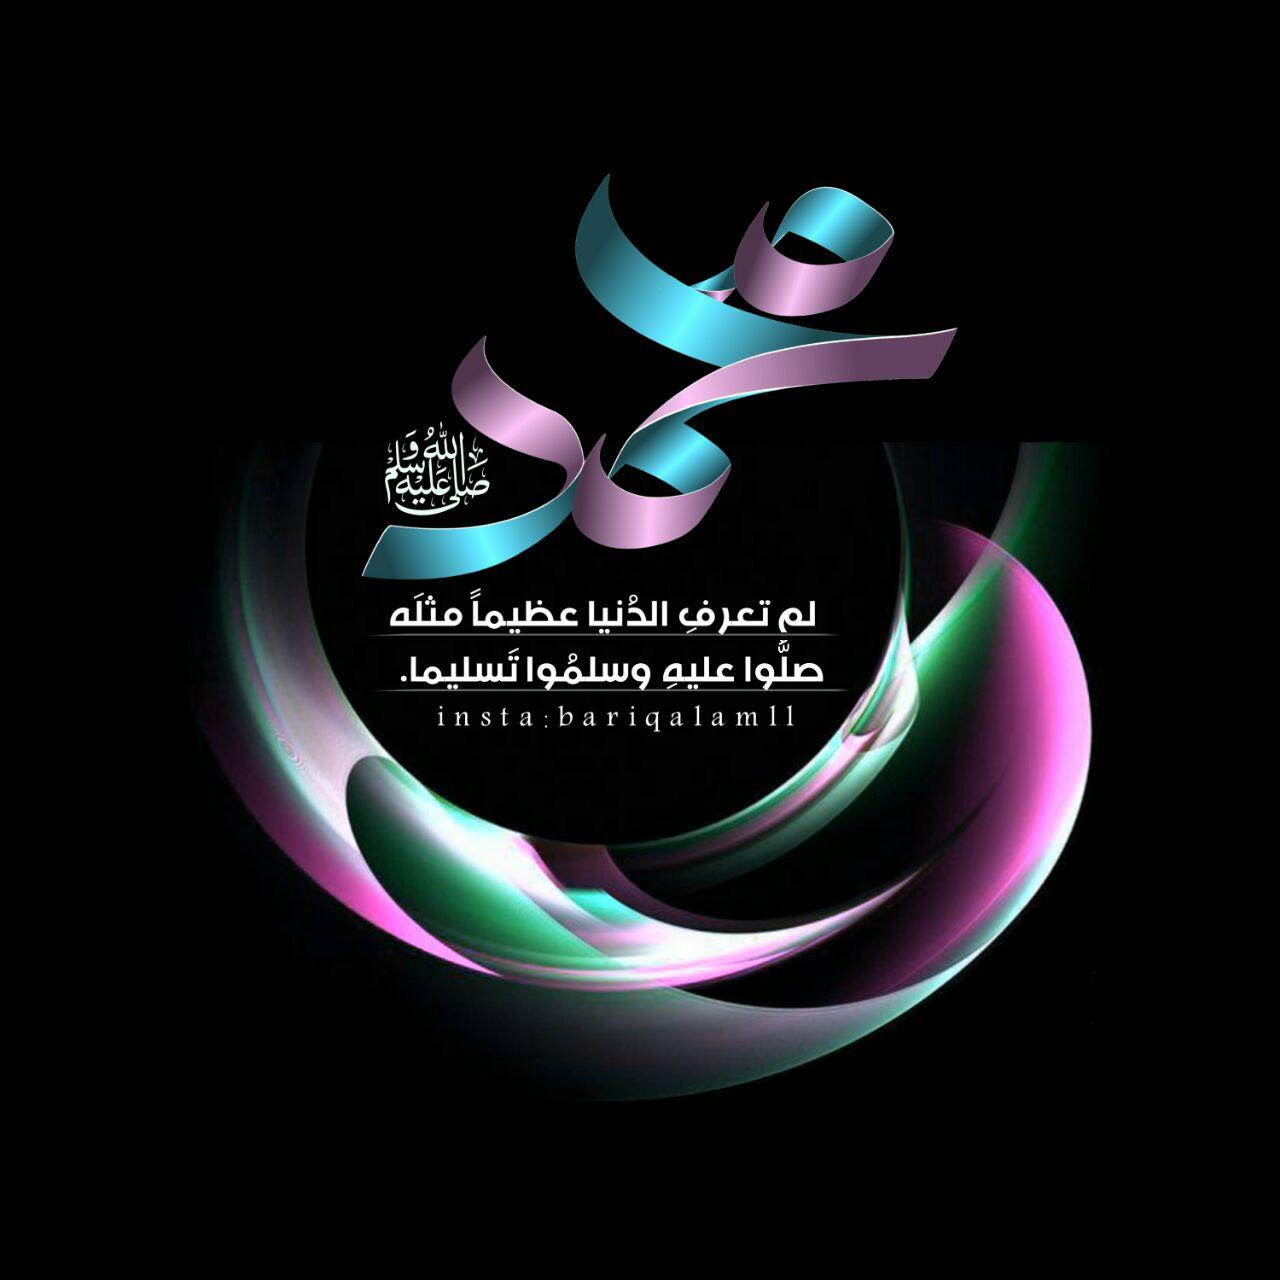 ماذا قال الشيخ الشعراوى عندما تهجم أحد المستهزئين بالإسلام Img_2073